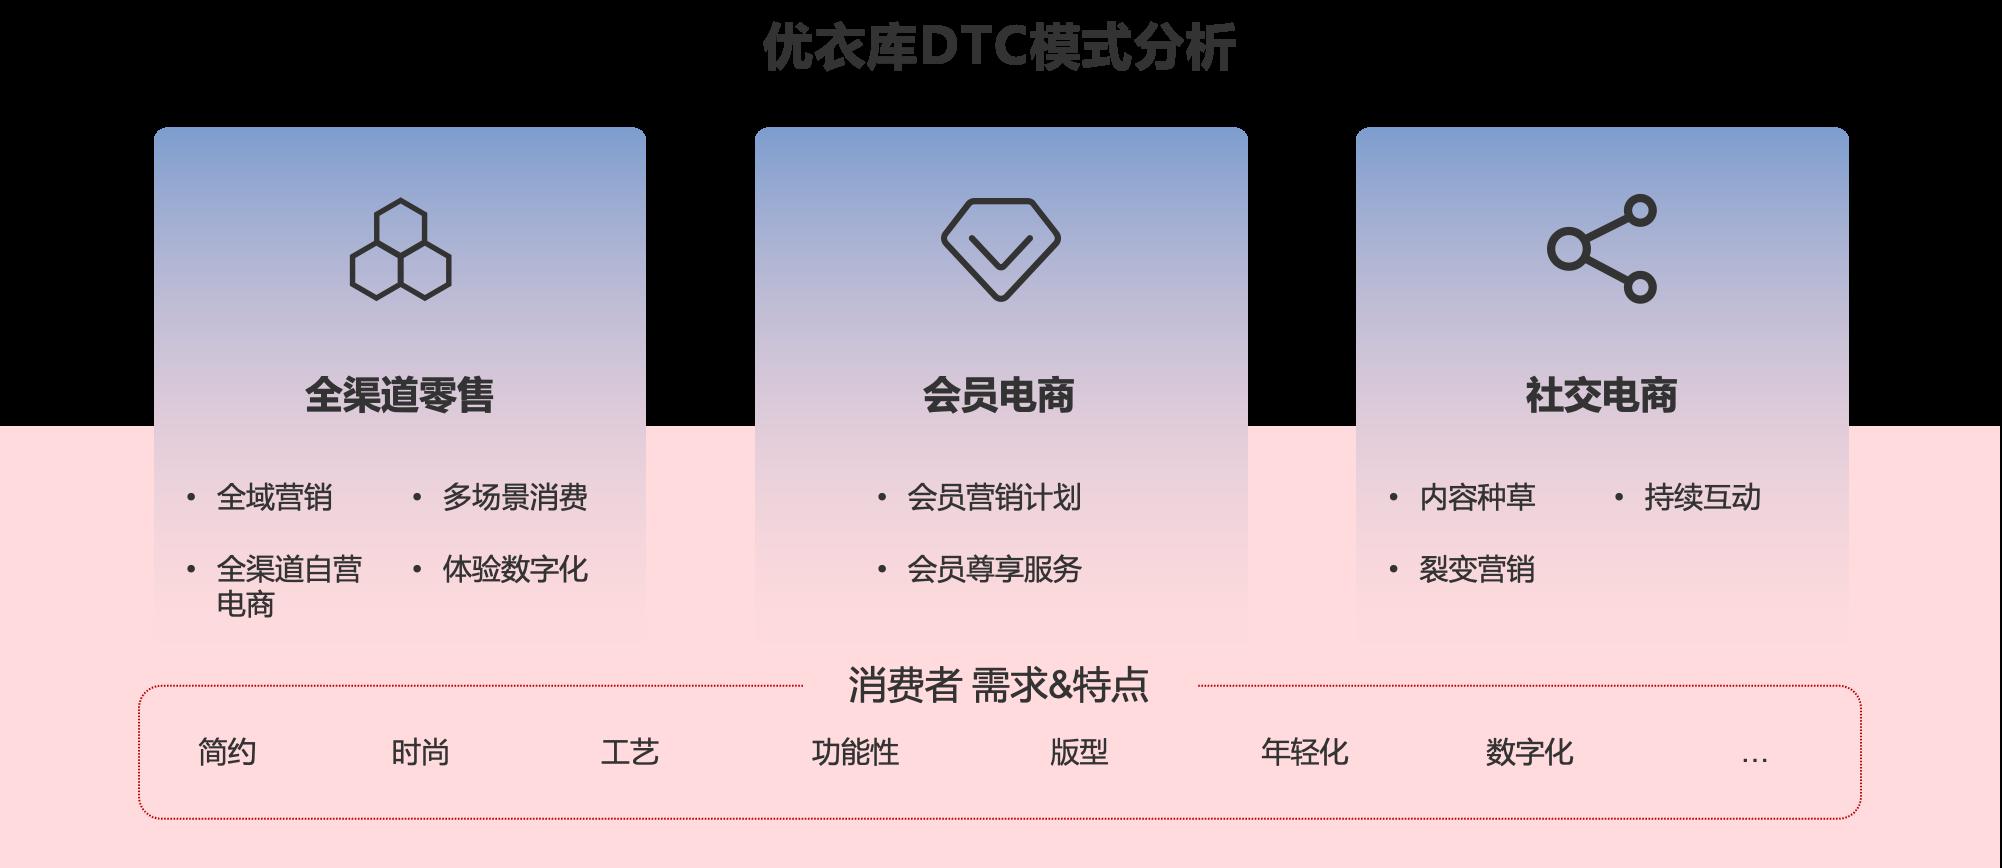 优衣库DTC模式分析